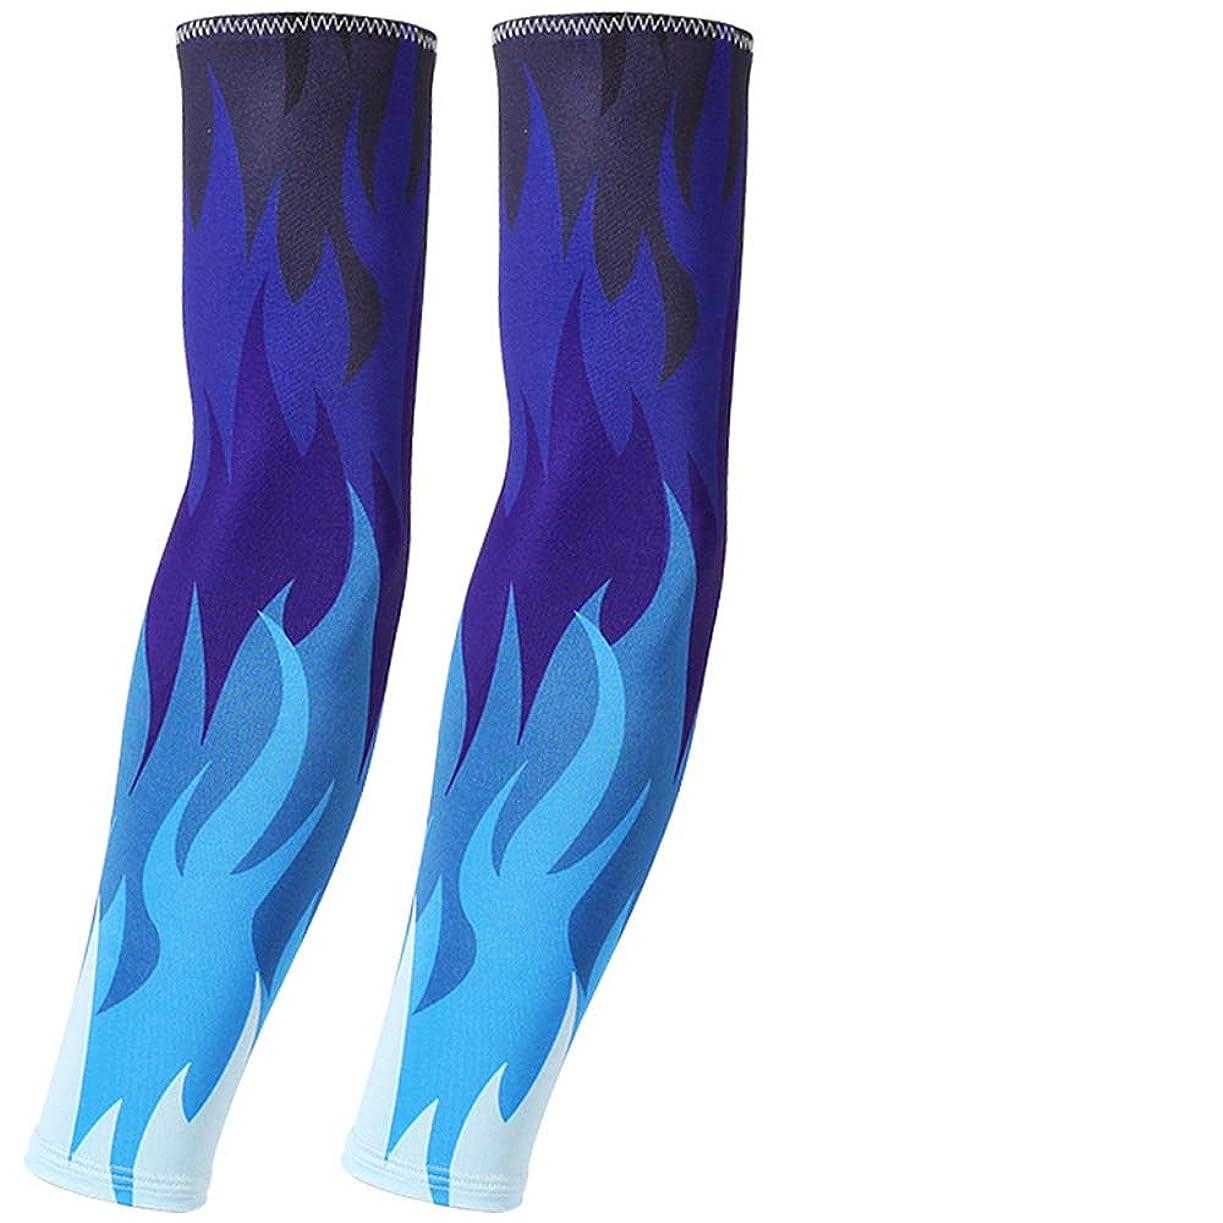 ジュース専門合図男性と女性のための腕の袖クールボディーアート偽の一時的な入れ墨アームスリーブサイクリングバスケットボールサンブロックスリーブレットスリーブ/ペア,Blue